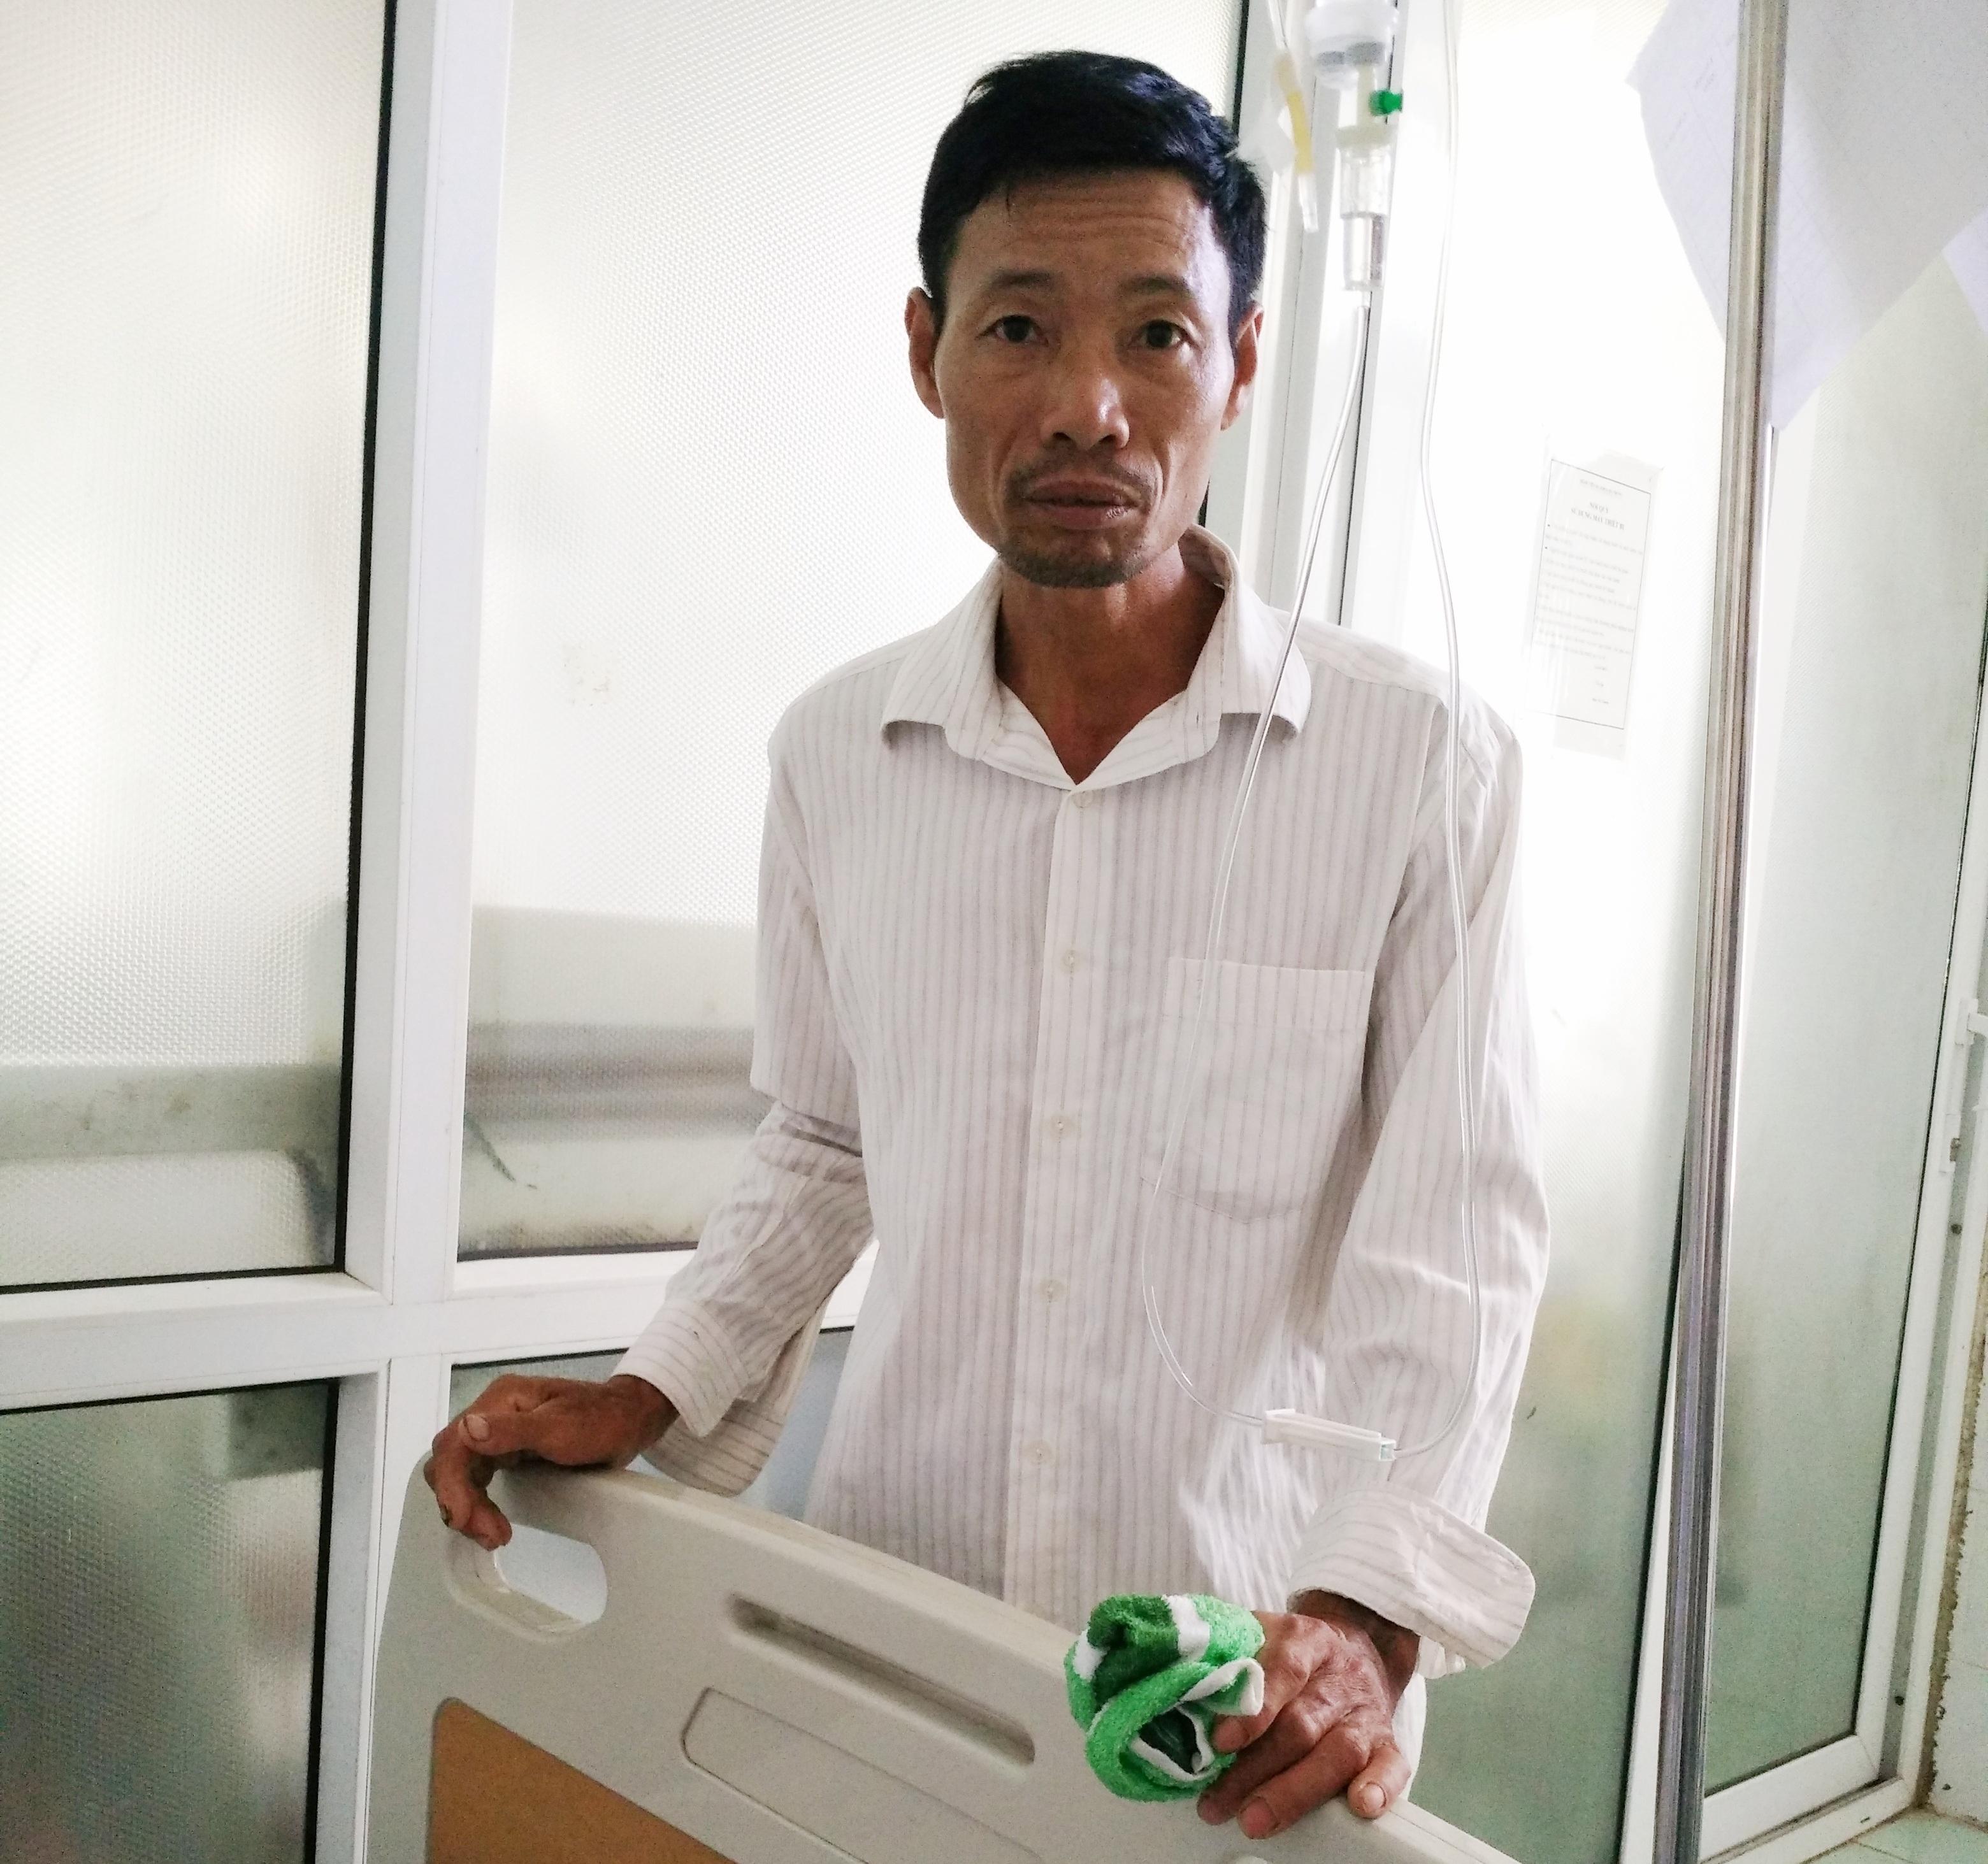 Con bị bệnh phải bỏ thi, ông Phạm Văn Long rất mực lo lắng.